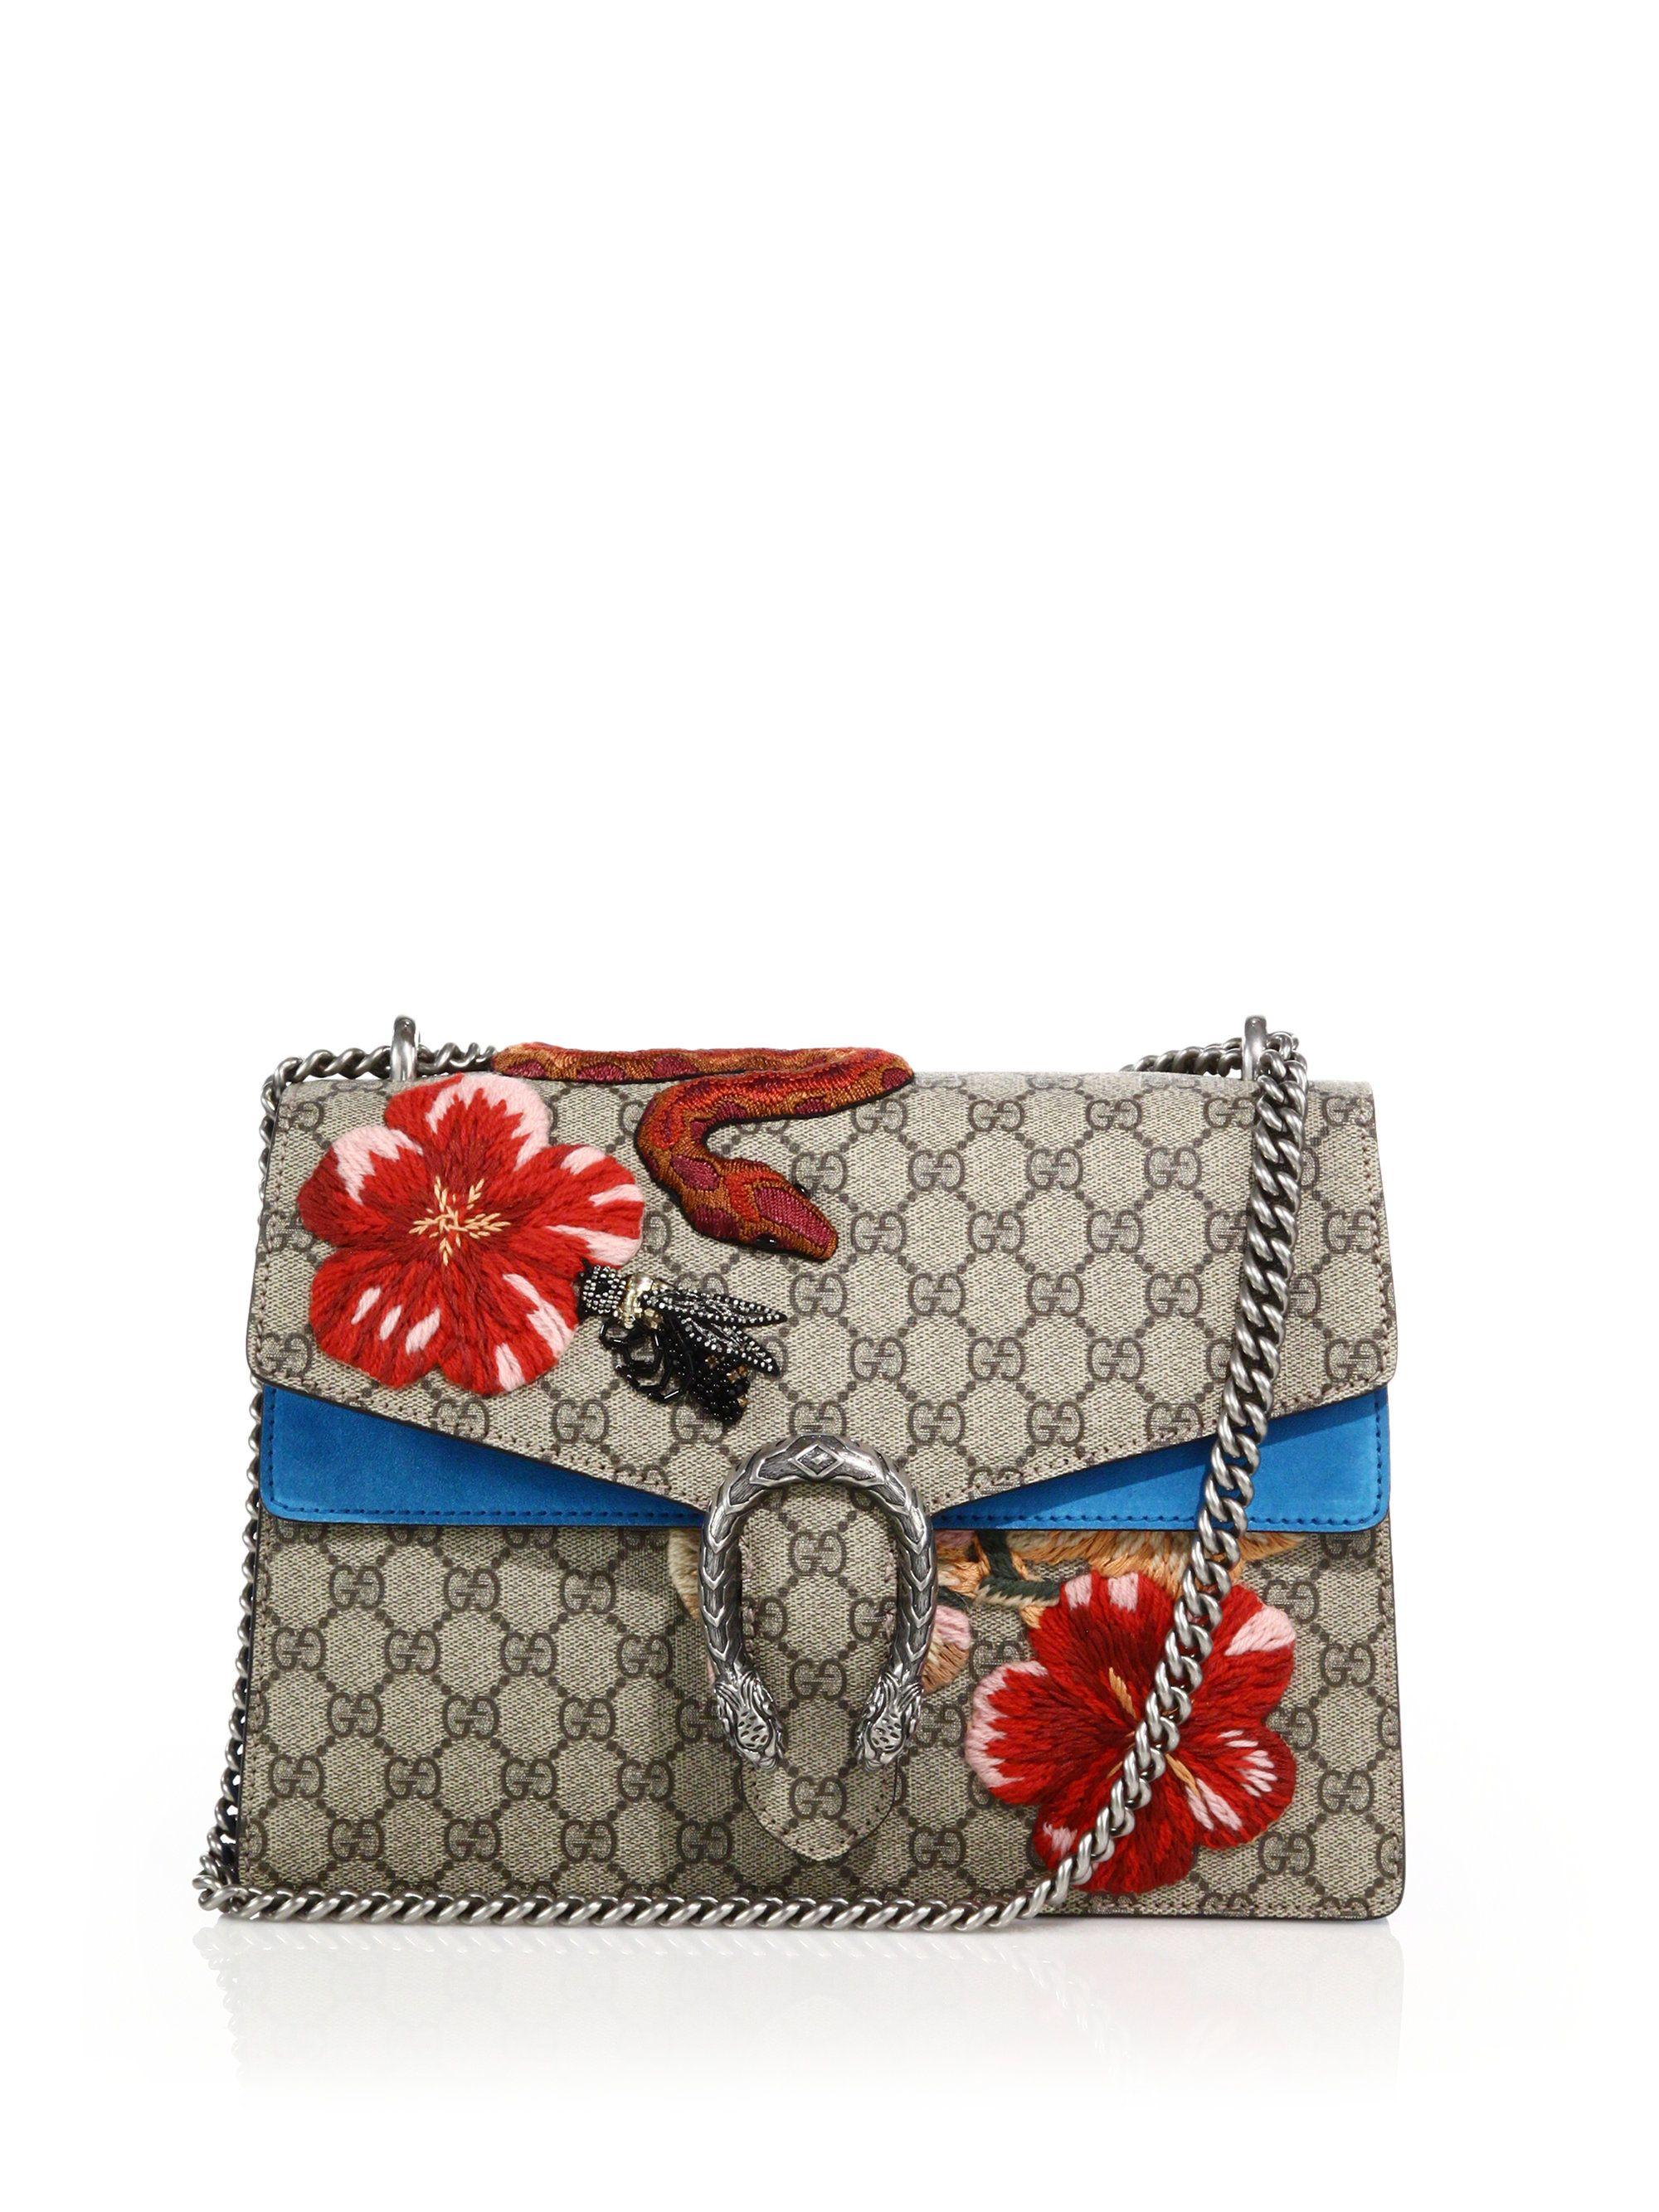 e7008c1047e Gucci Dionysus Gg Supreme Canvas Embroidered Shoulder Bag in Multicolor ( multi)